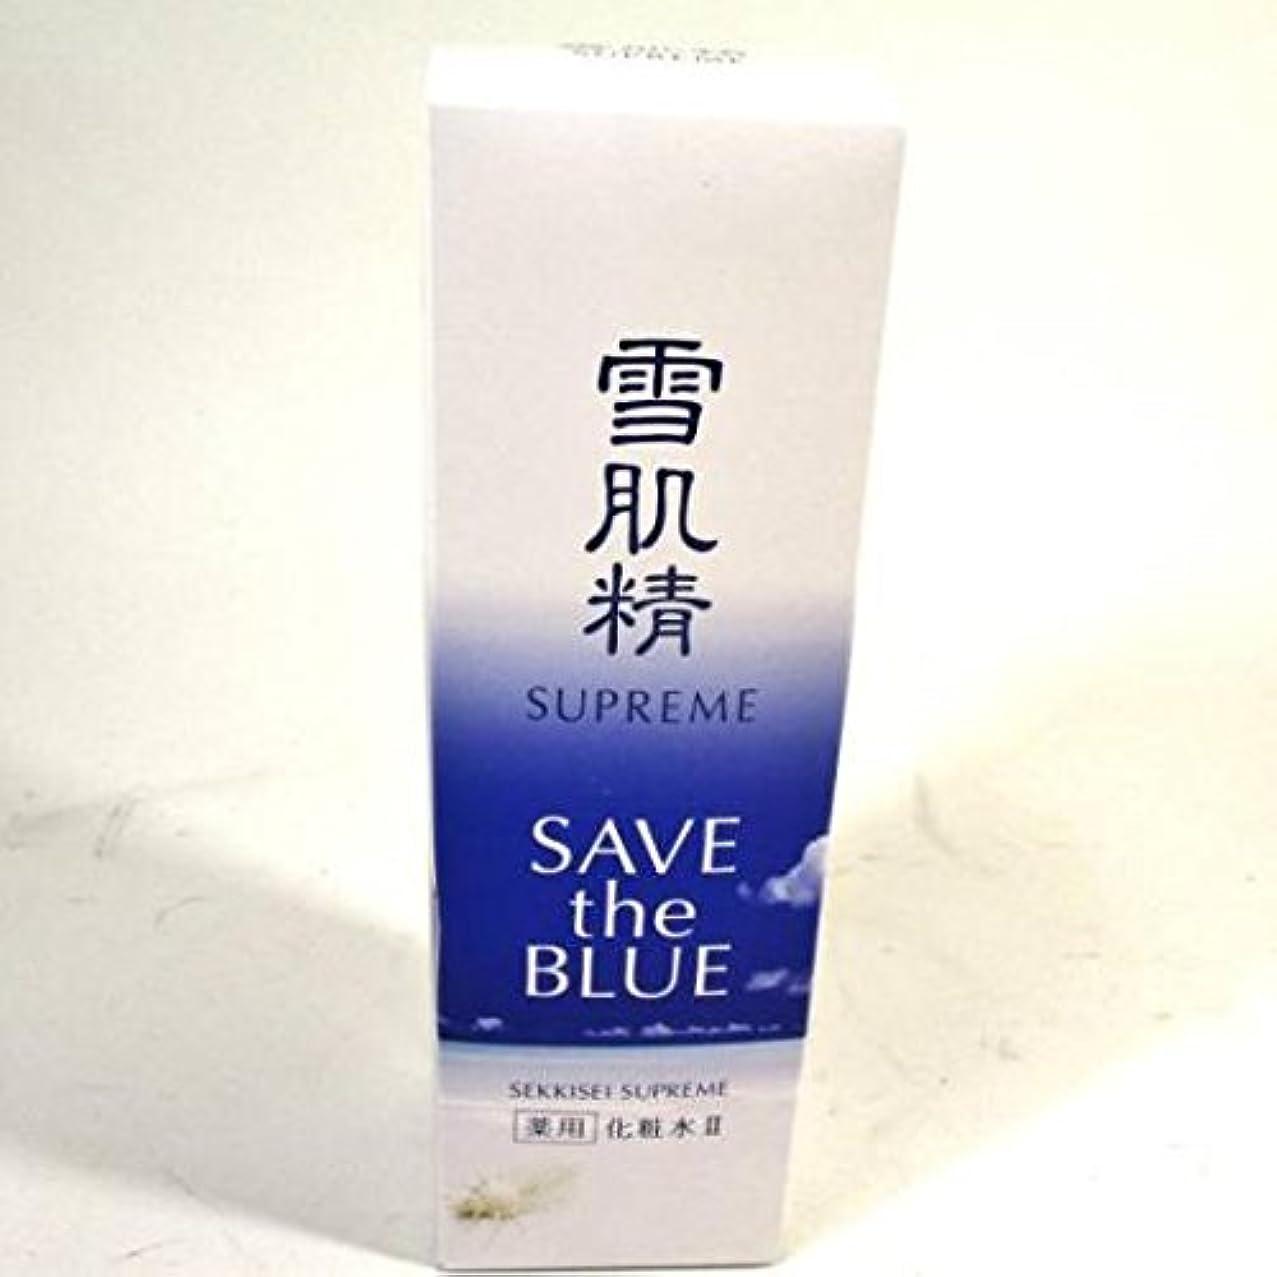 荒れ地研究岩コーセー 雪肌精 シュープレム 化粧水 Ⅱ 「SAVE the BLUE」 400ml